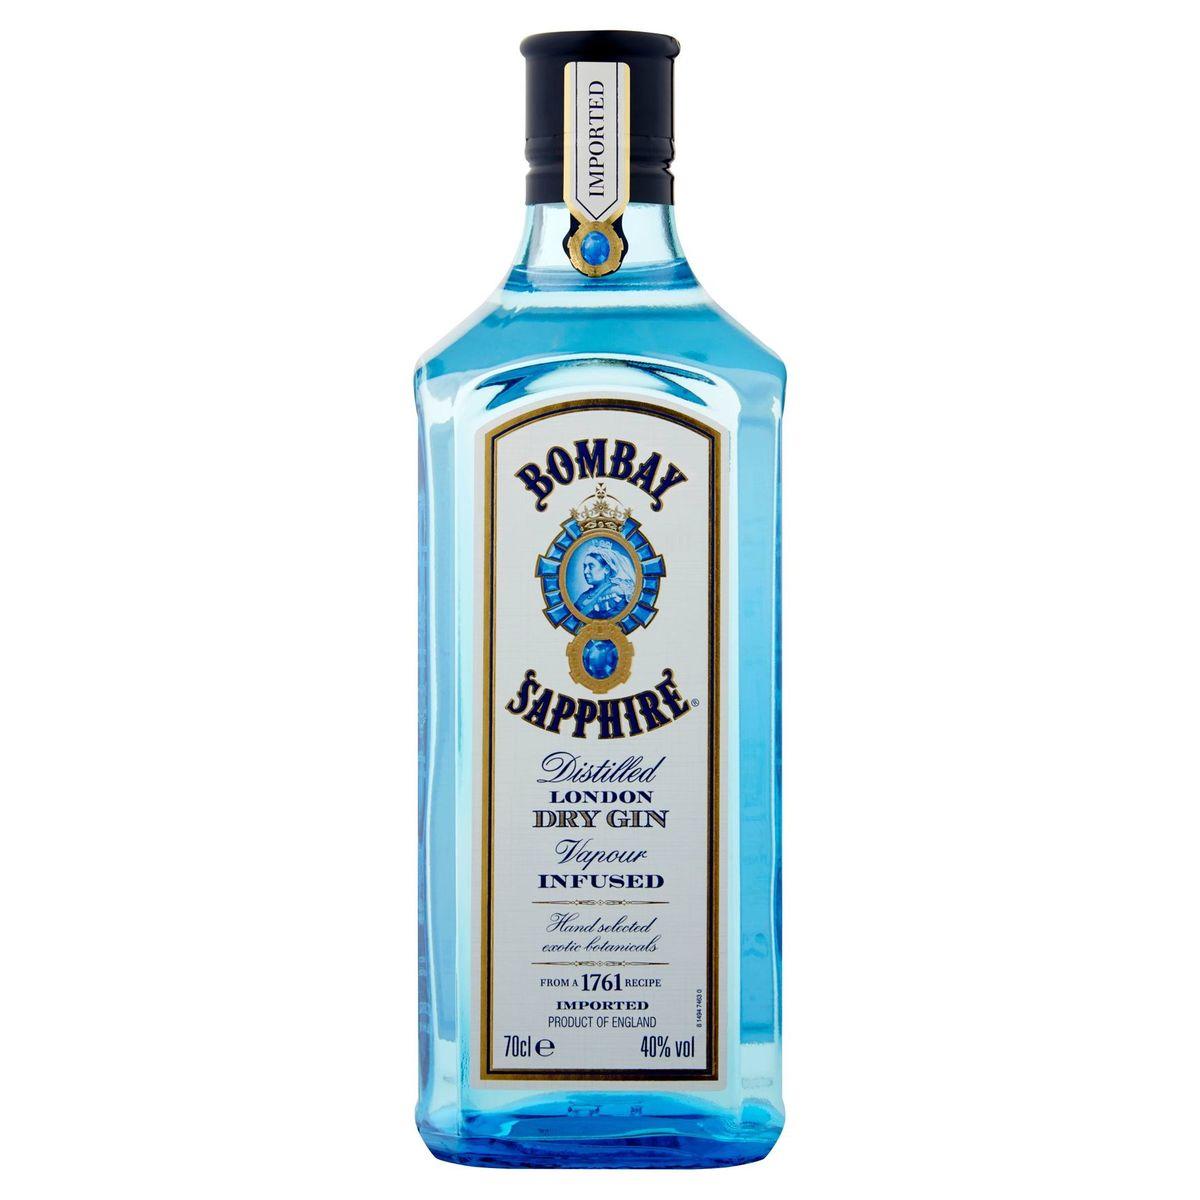 Bombay Sapphire Gin 700 ml